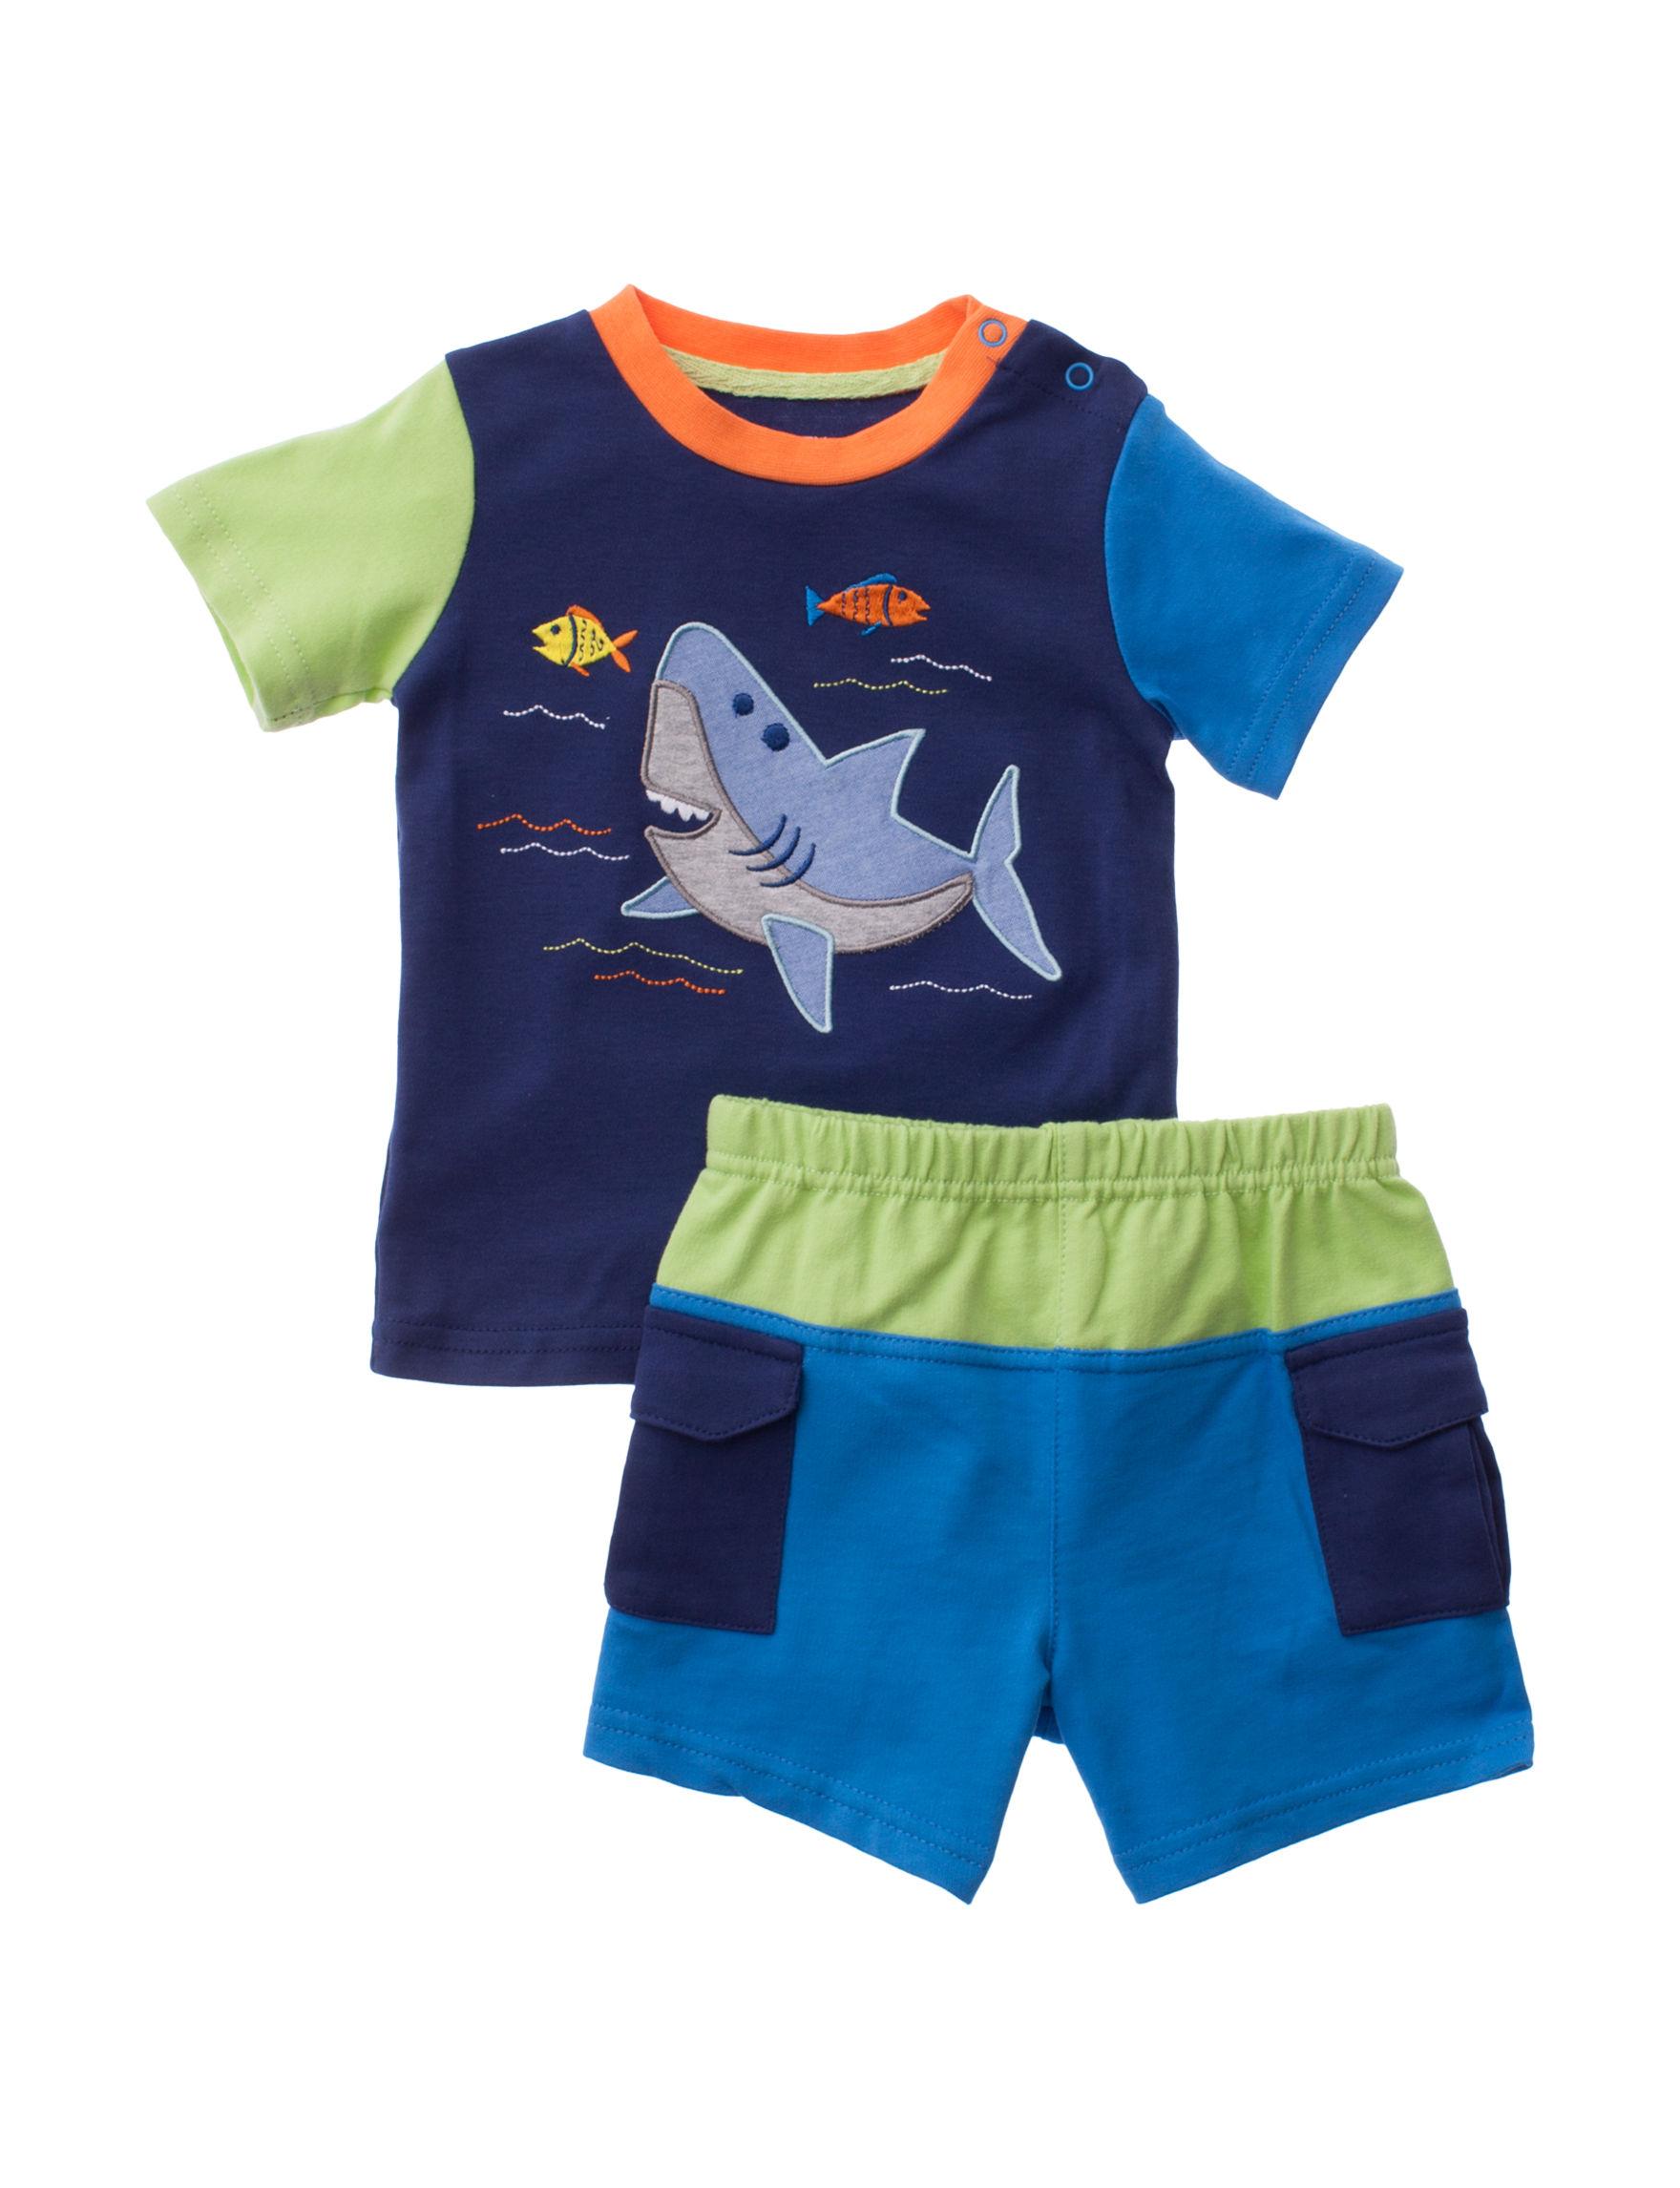 Baby Essentials Navy